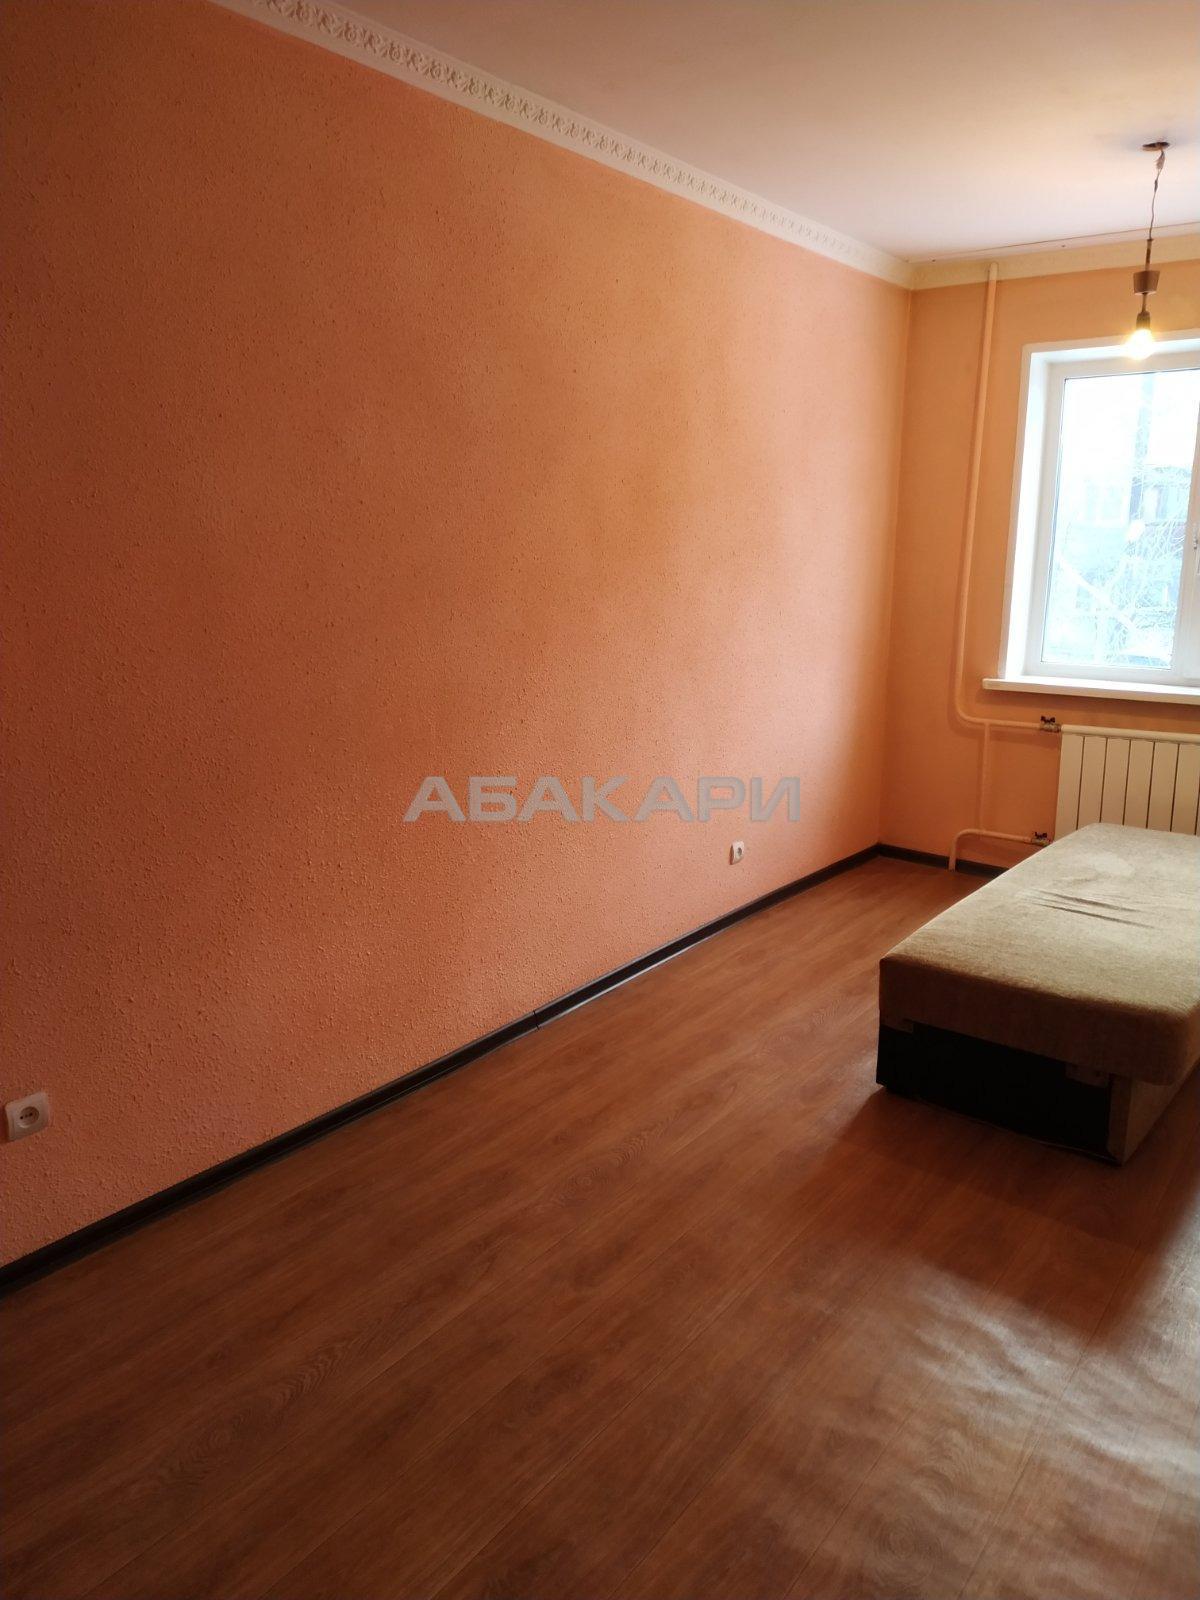 2к квартира улица Карбышева, 24А   16000   аренда в Красноярске фото 1